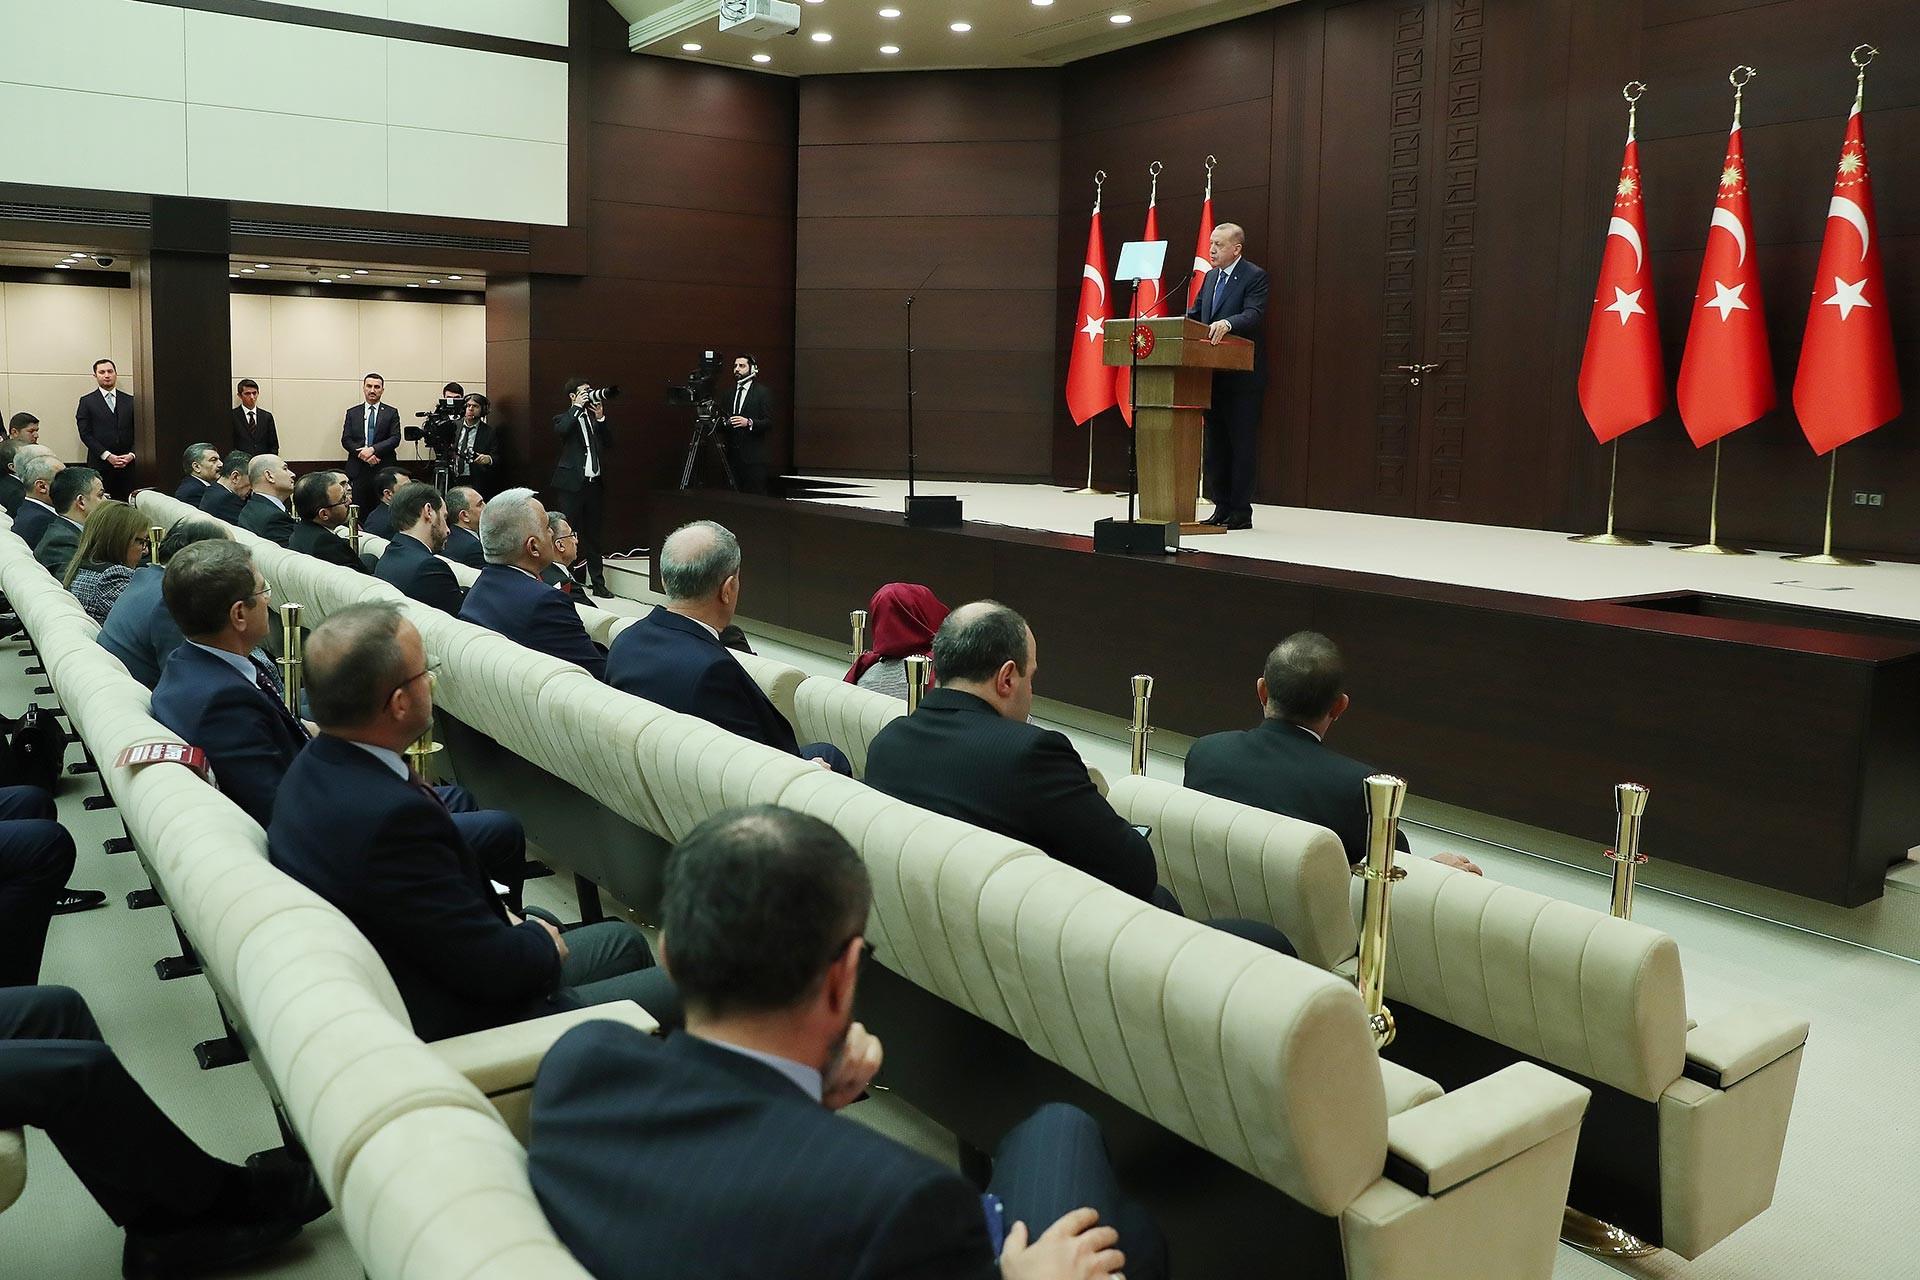 Cumhurbaşkanı Recep Tayyip Erdoğan, Koronavirüsle Mücadele Eş Güdüm Toplantısı sonrası açıklamalarda bulunurken.